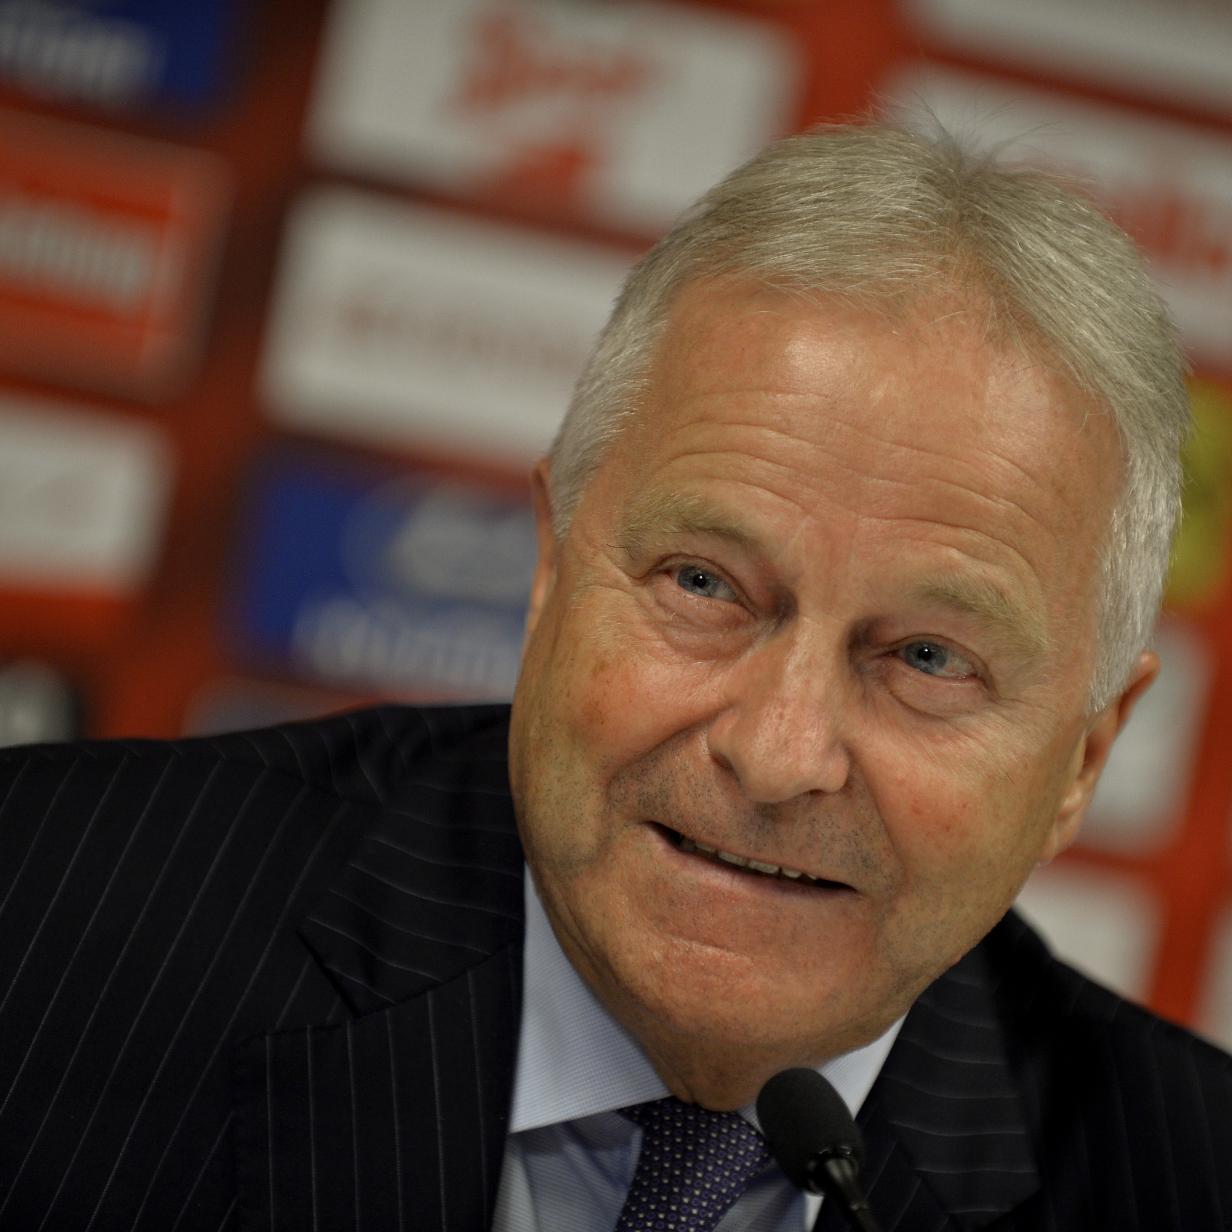 Nein zur WM-Aufstockung: ÖFB-Boss Windtner nicht überrascht